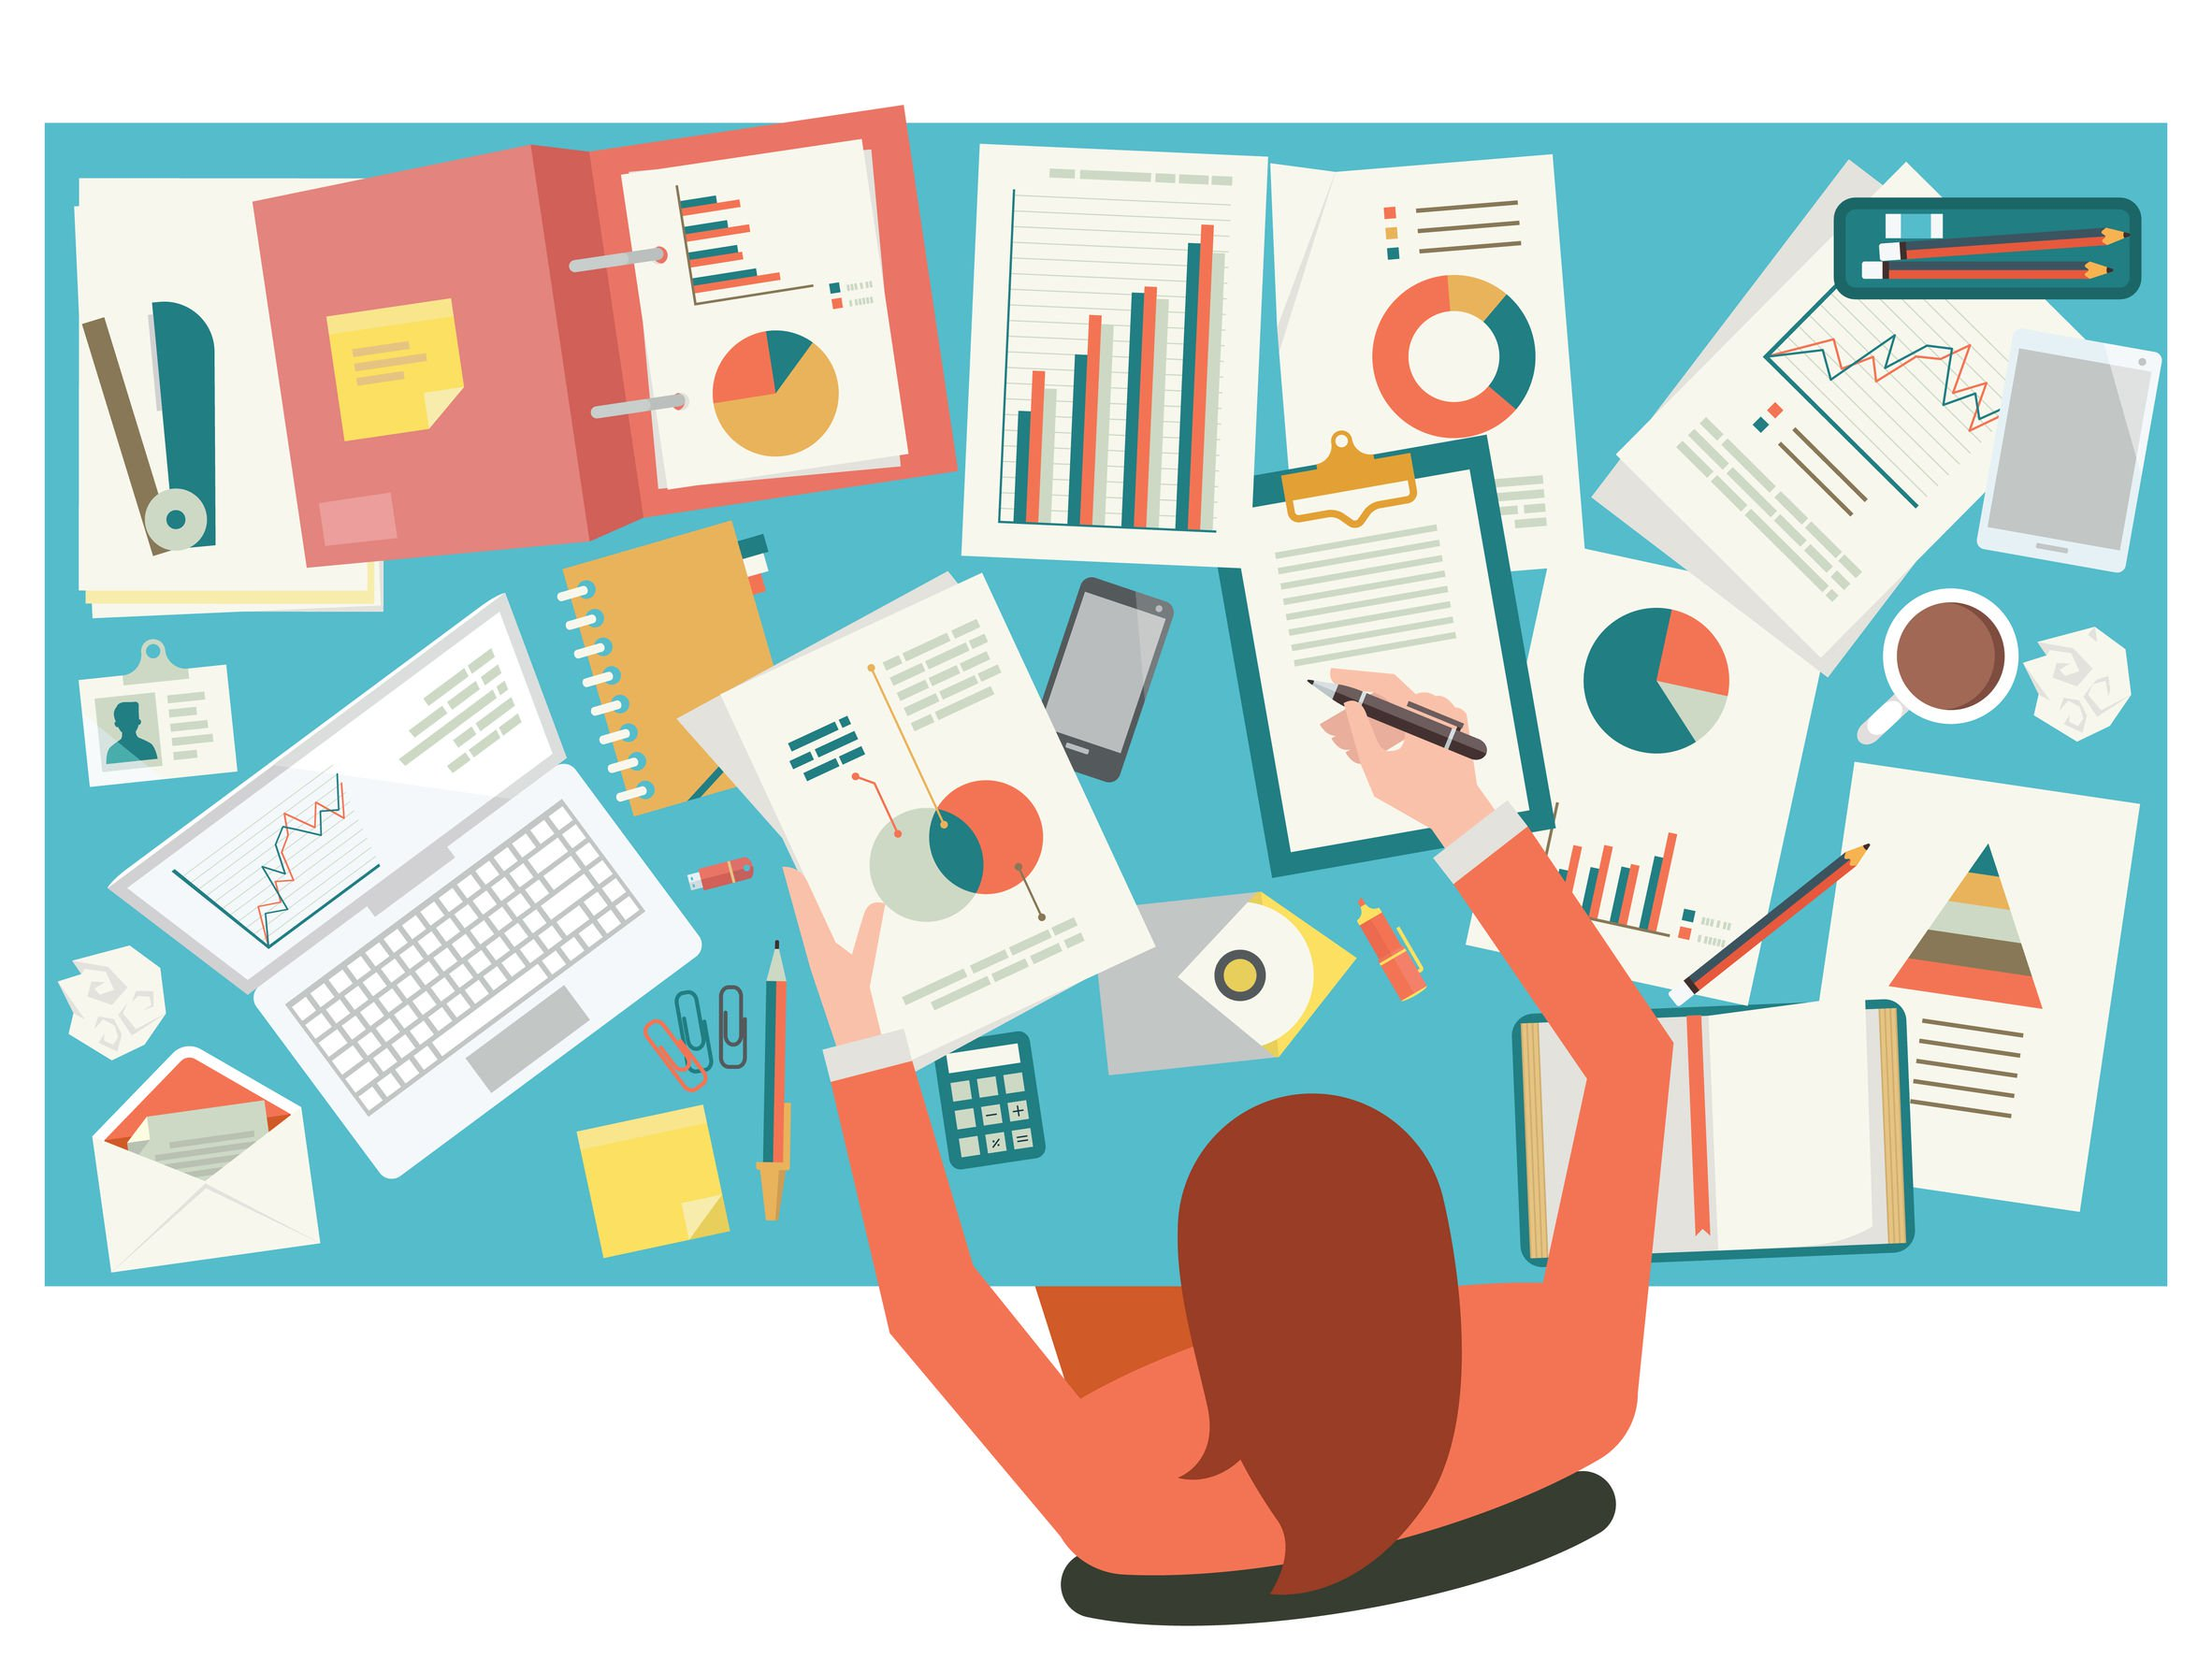 Case Study là gì? Những điều cần thiết cho sinh viên cần phải biết